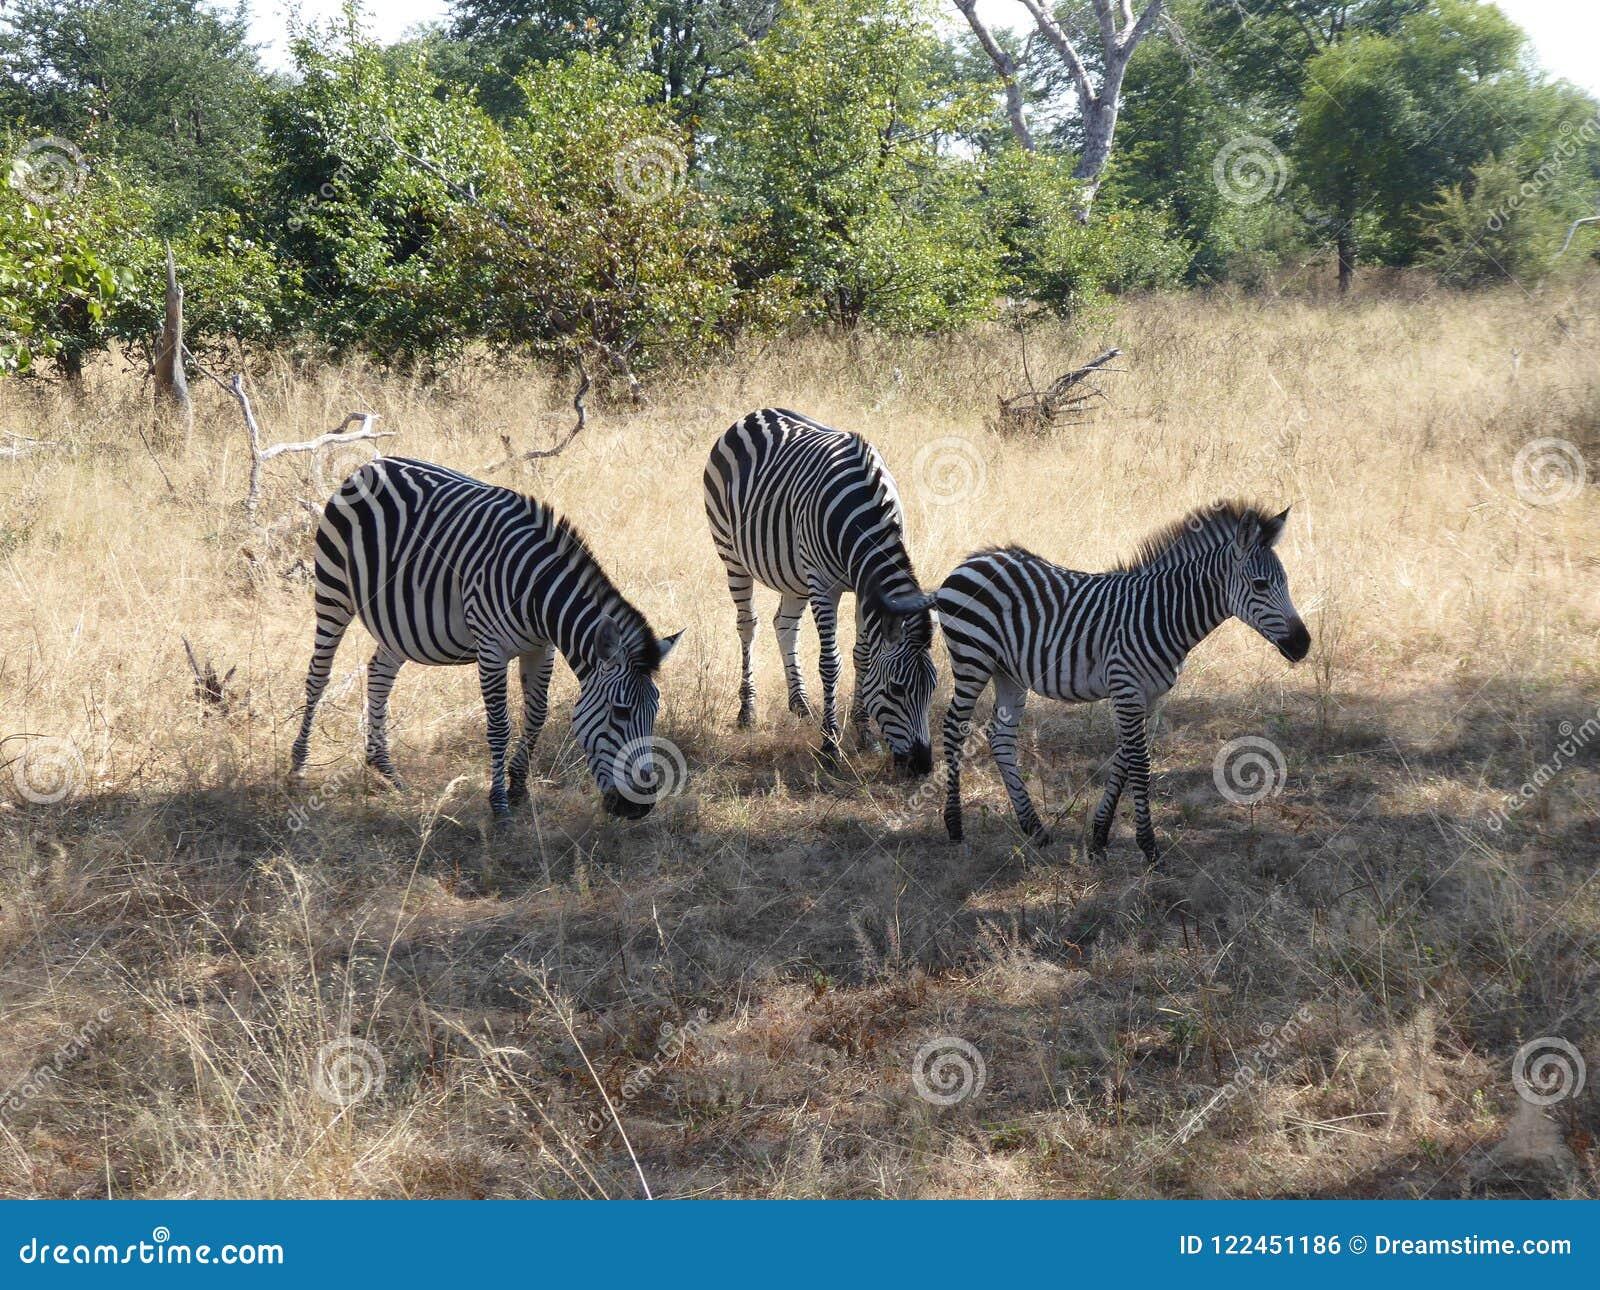 Zebra zambiów safari Afryka natury rodzinna przyroda